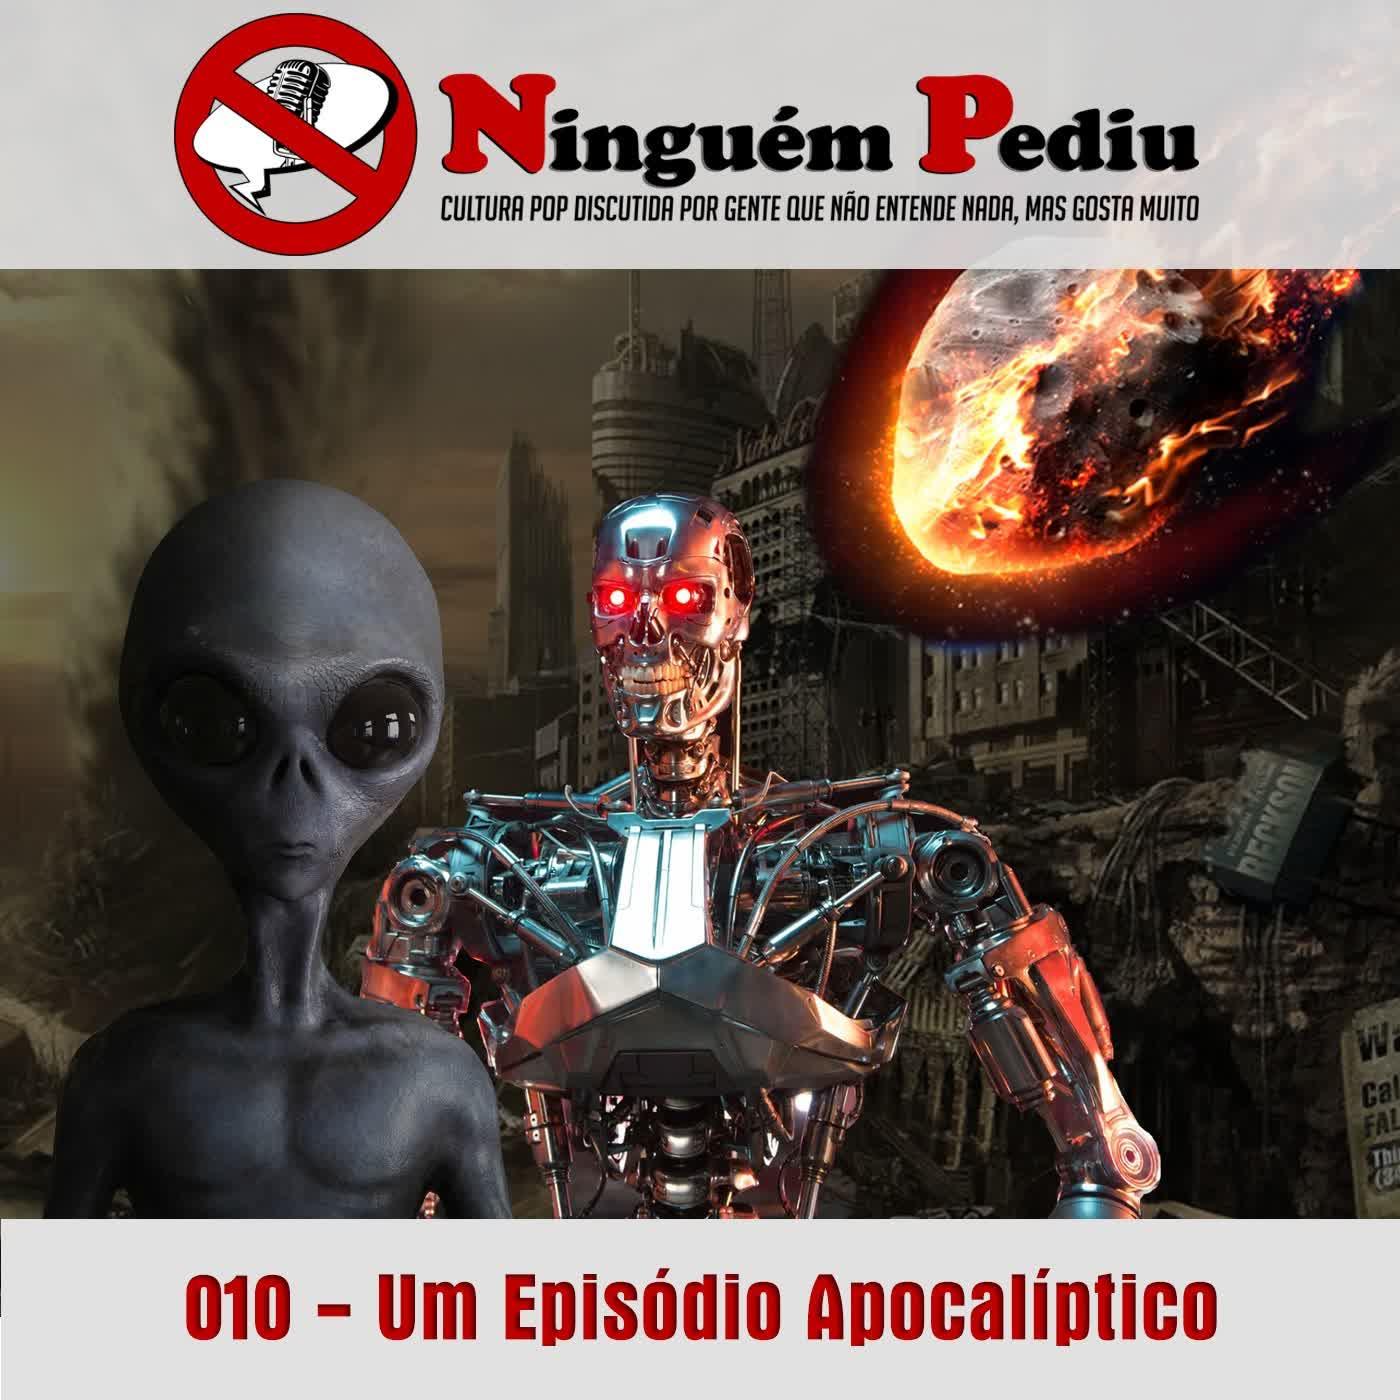 010 - Um Episódio Apocalíptico